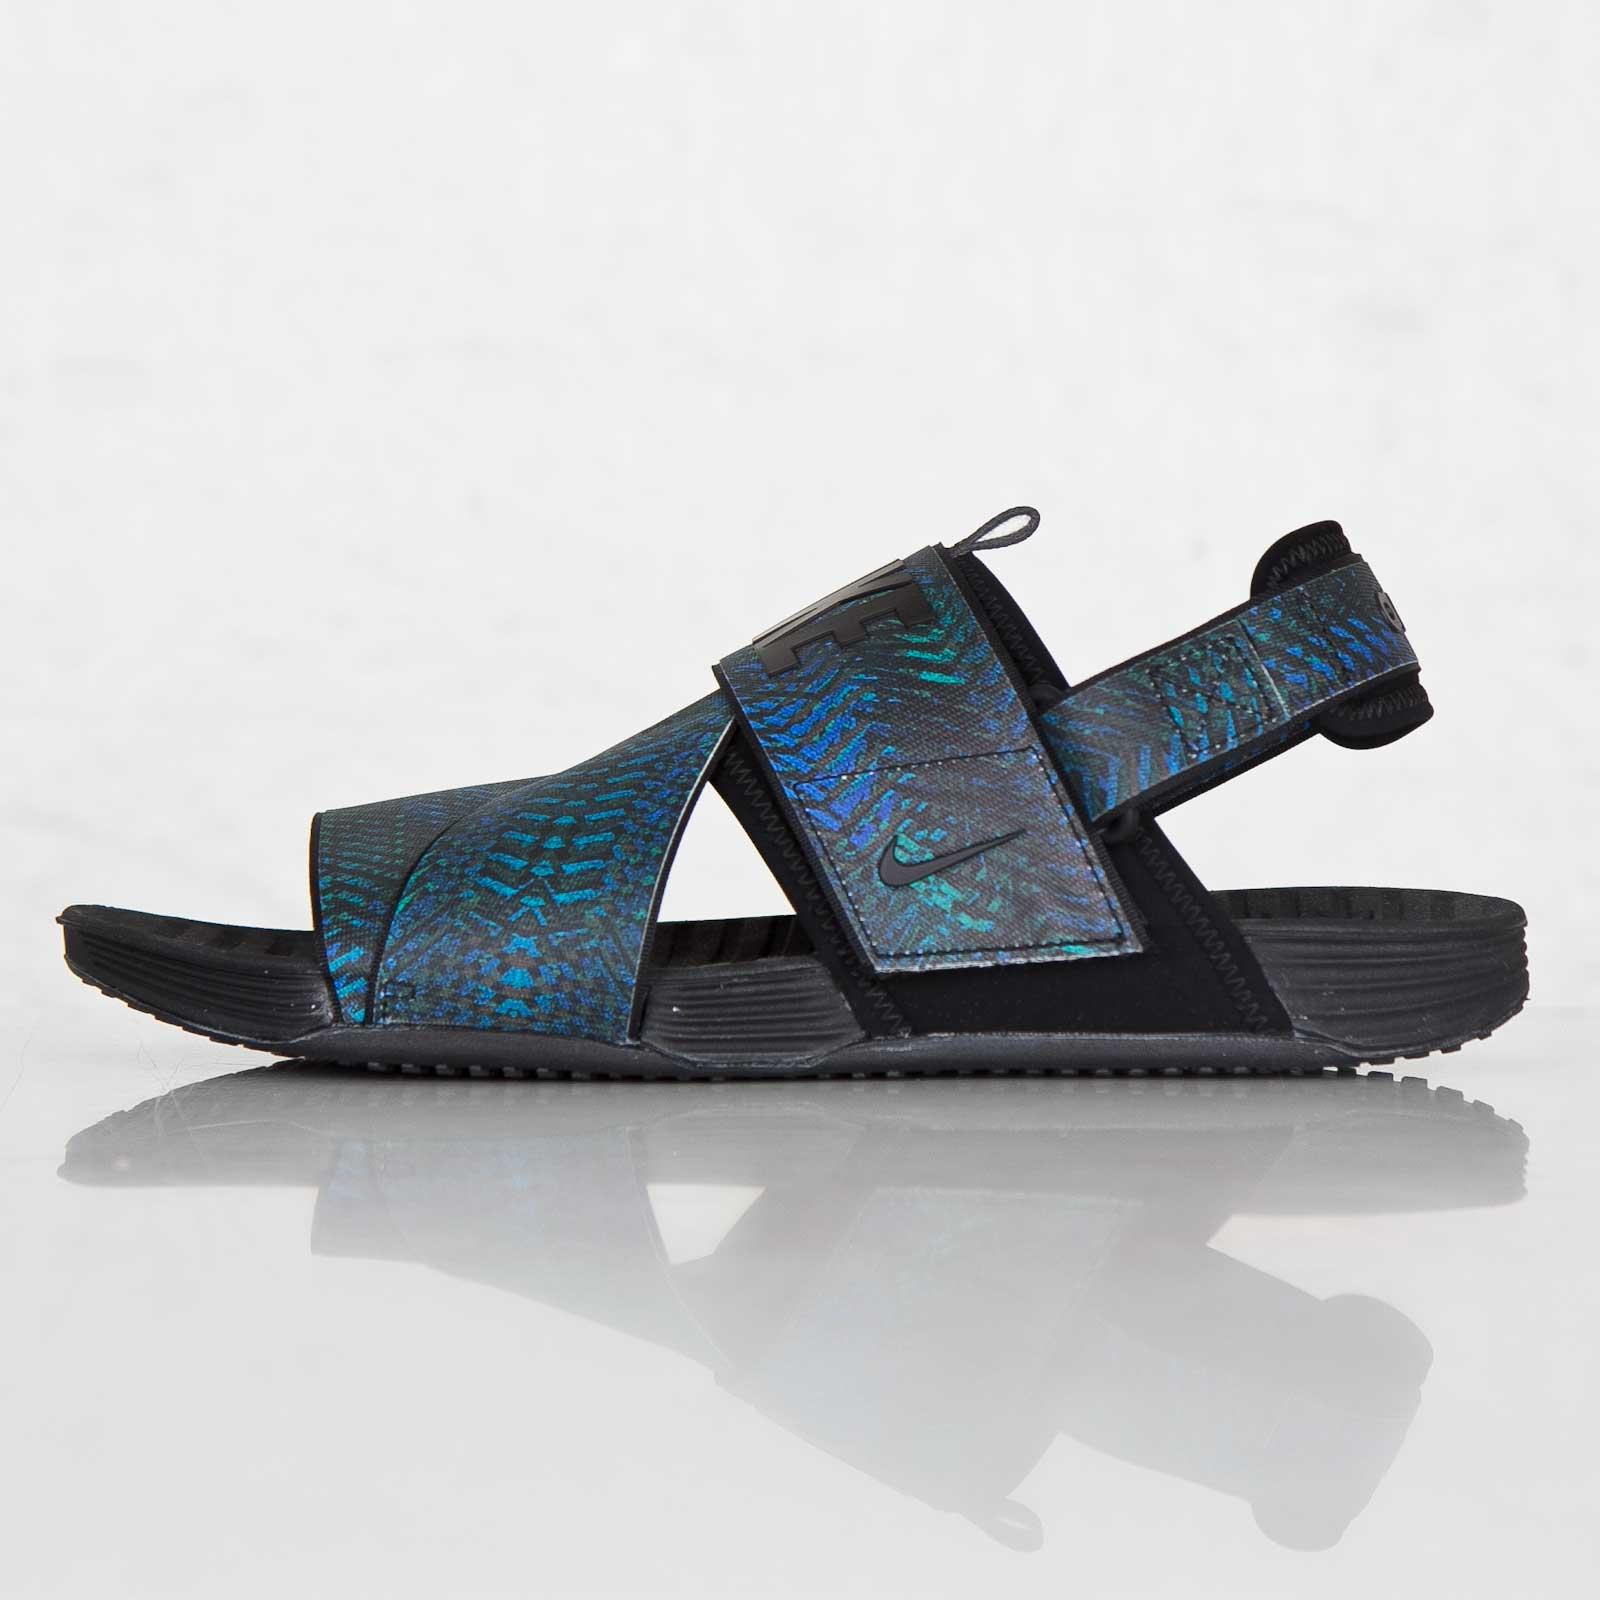 4563f2cb3d3 Nike Air Solarsoft Zigzag QS - 705536-400 - Sneakersnstuff ...